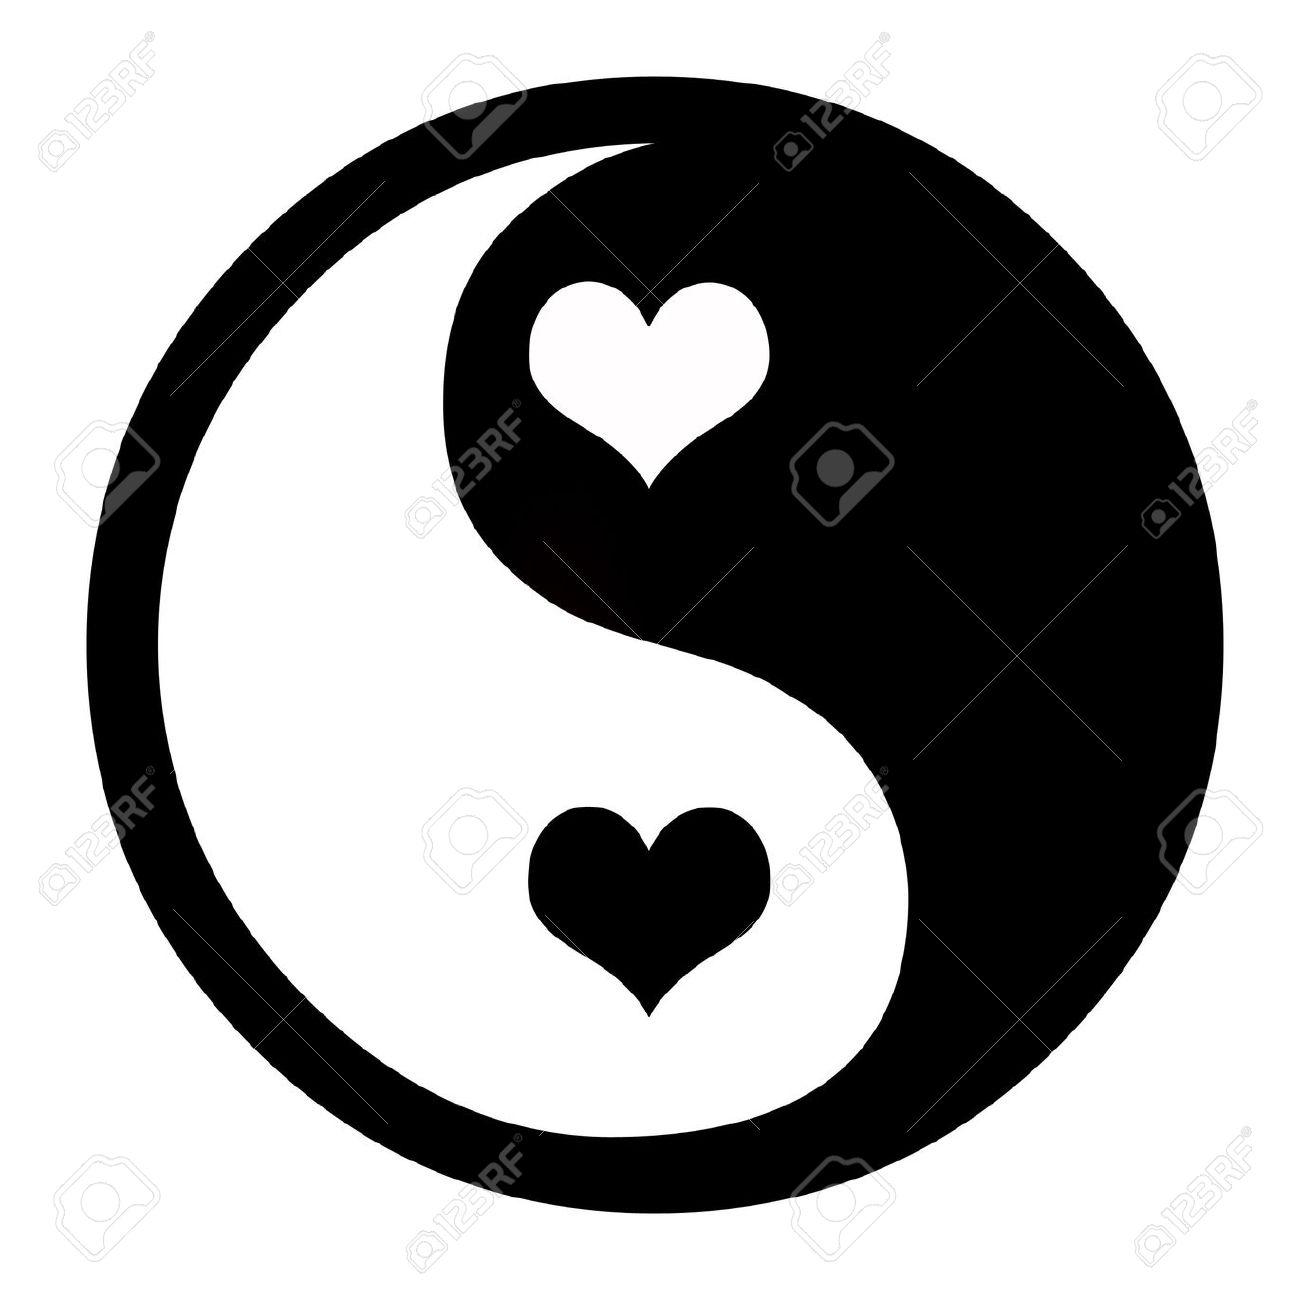 Yin Yang symbol with hearts